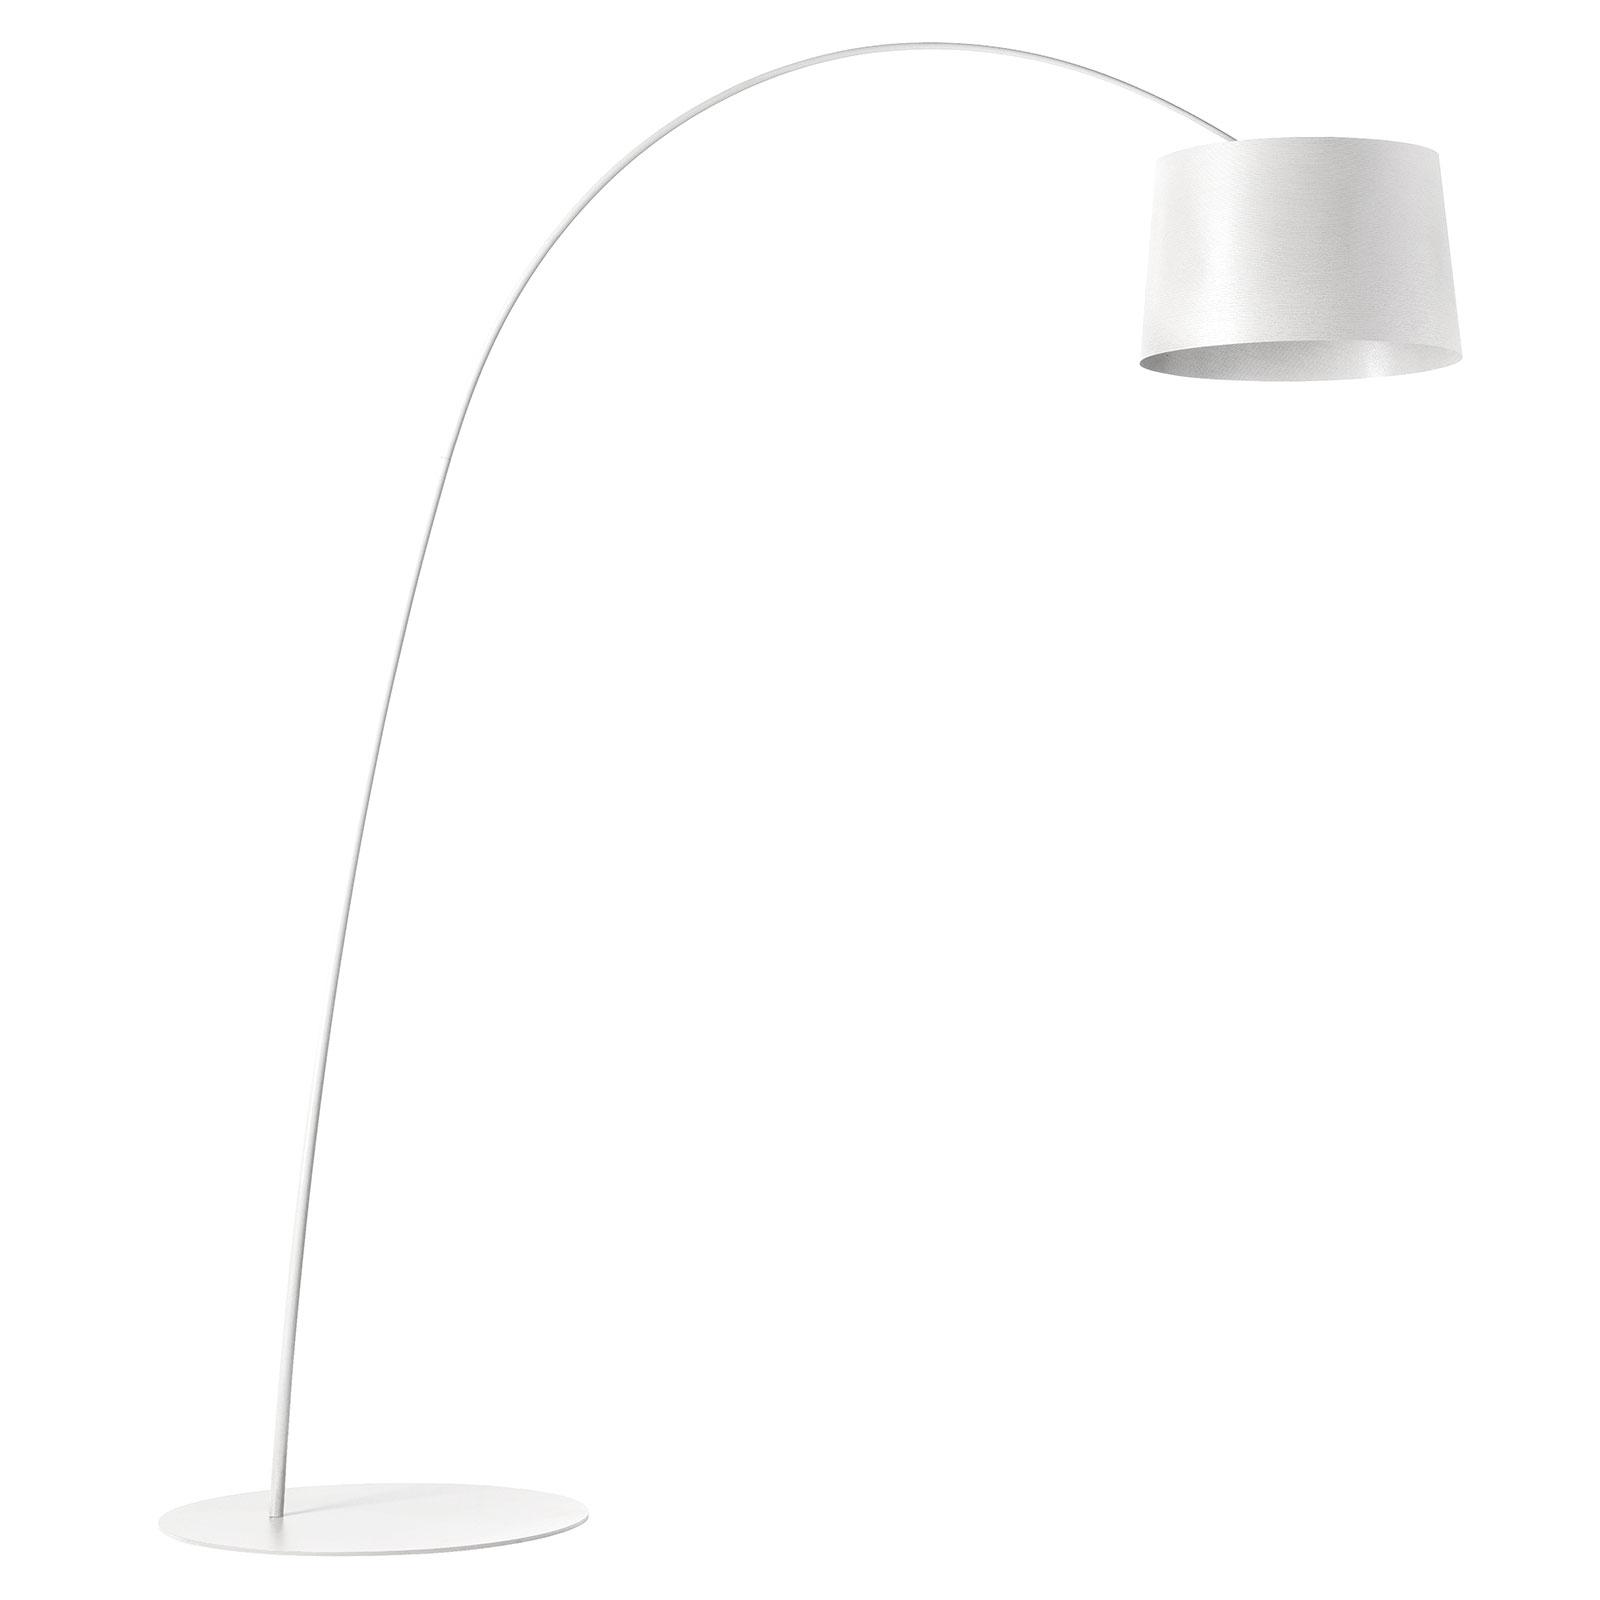 Foscarini Twiggy LED-Bogenleuchte, weiß